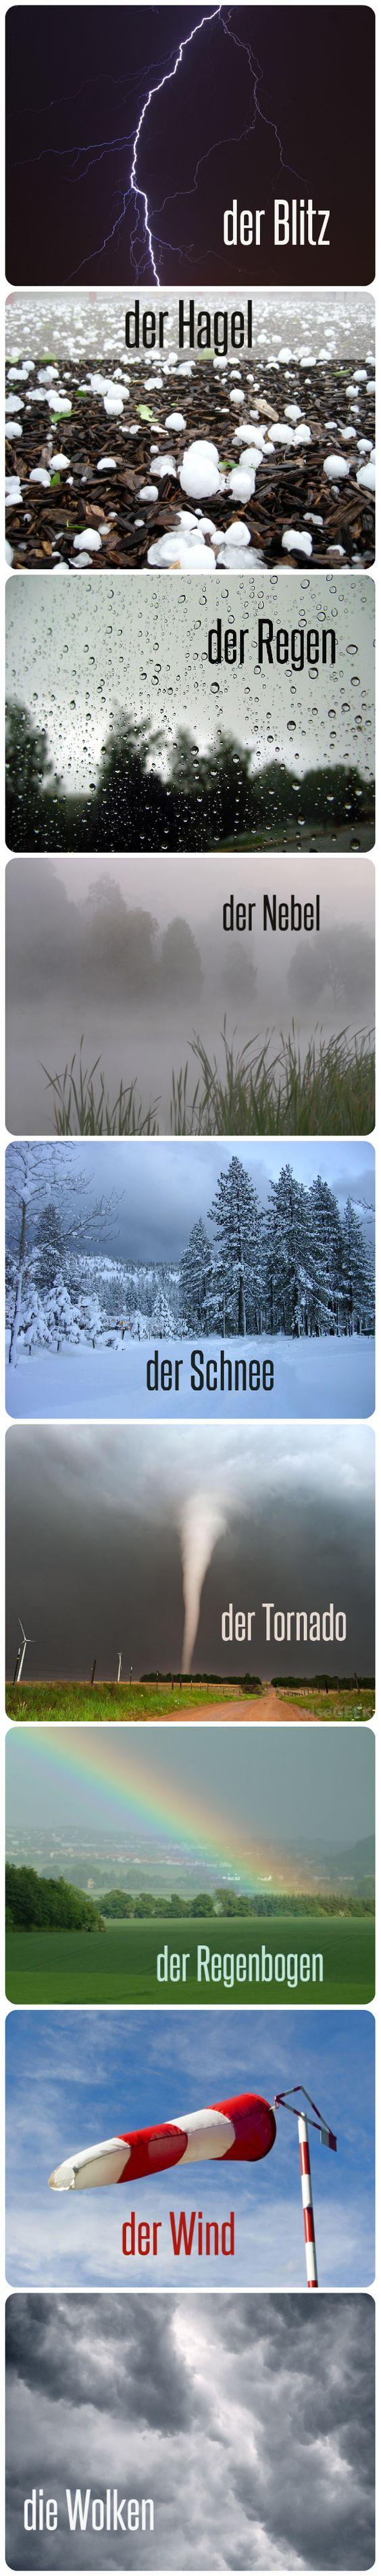 Wettererscheinungen: